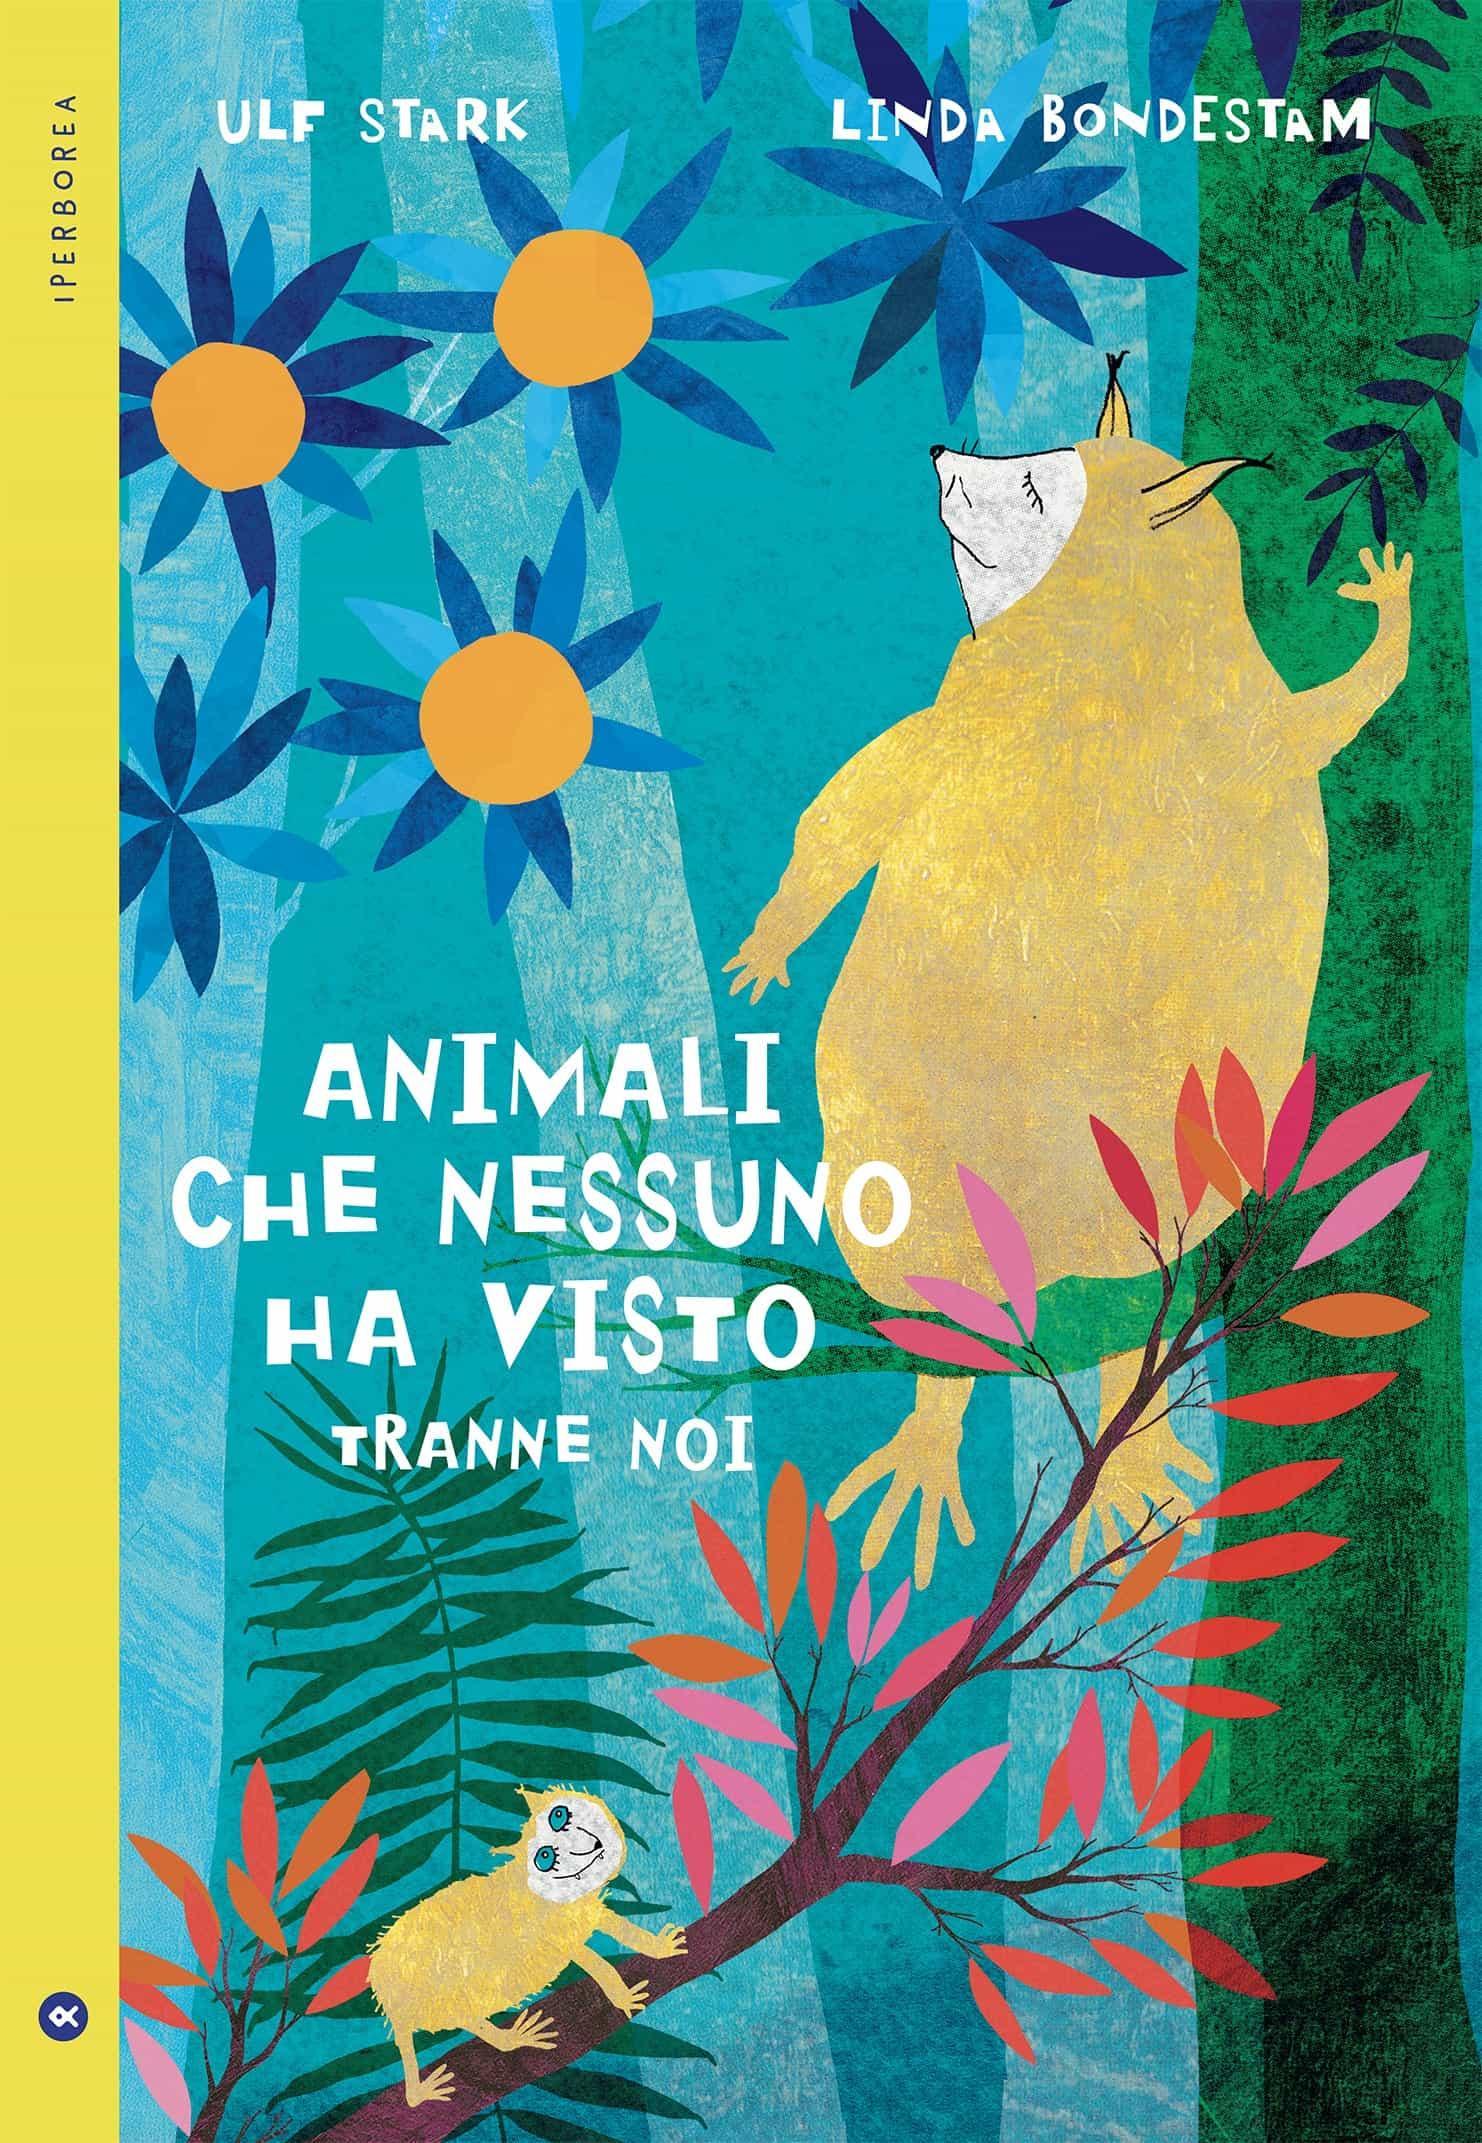 Animali che nessuno ha visto tranne noi, libri per ragazzi 2021